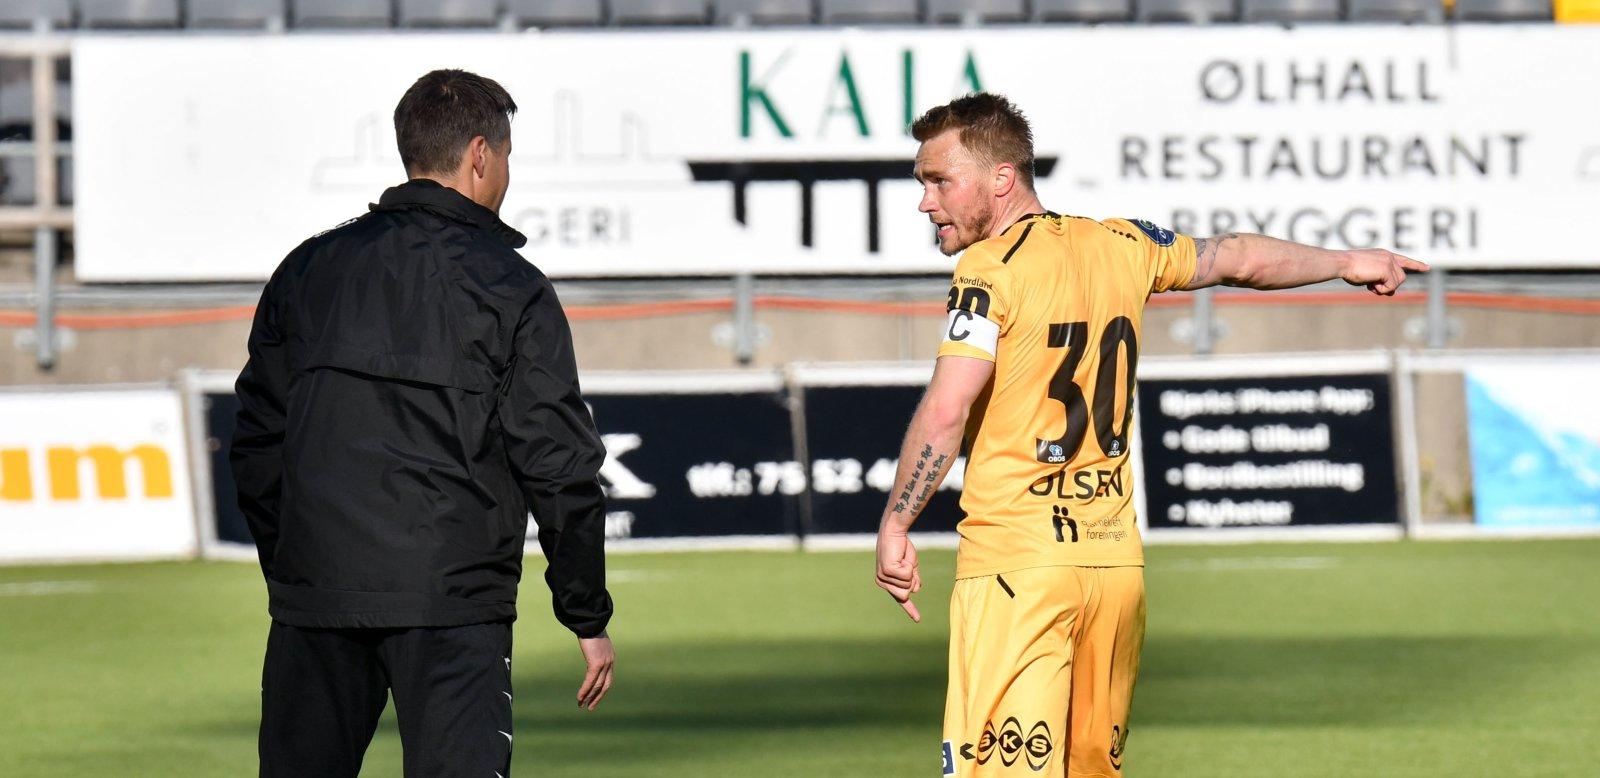 Bodø/Glimts Trond Olsen og trener Kjetil Knutsen diskuterer under oppgjøret mellom Glimt og Mjøndalen 28.05.2017